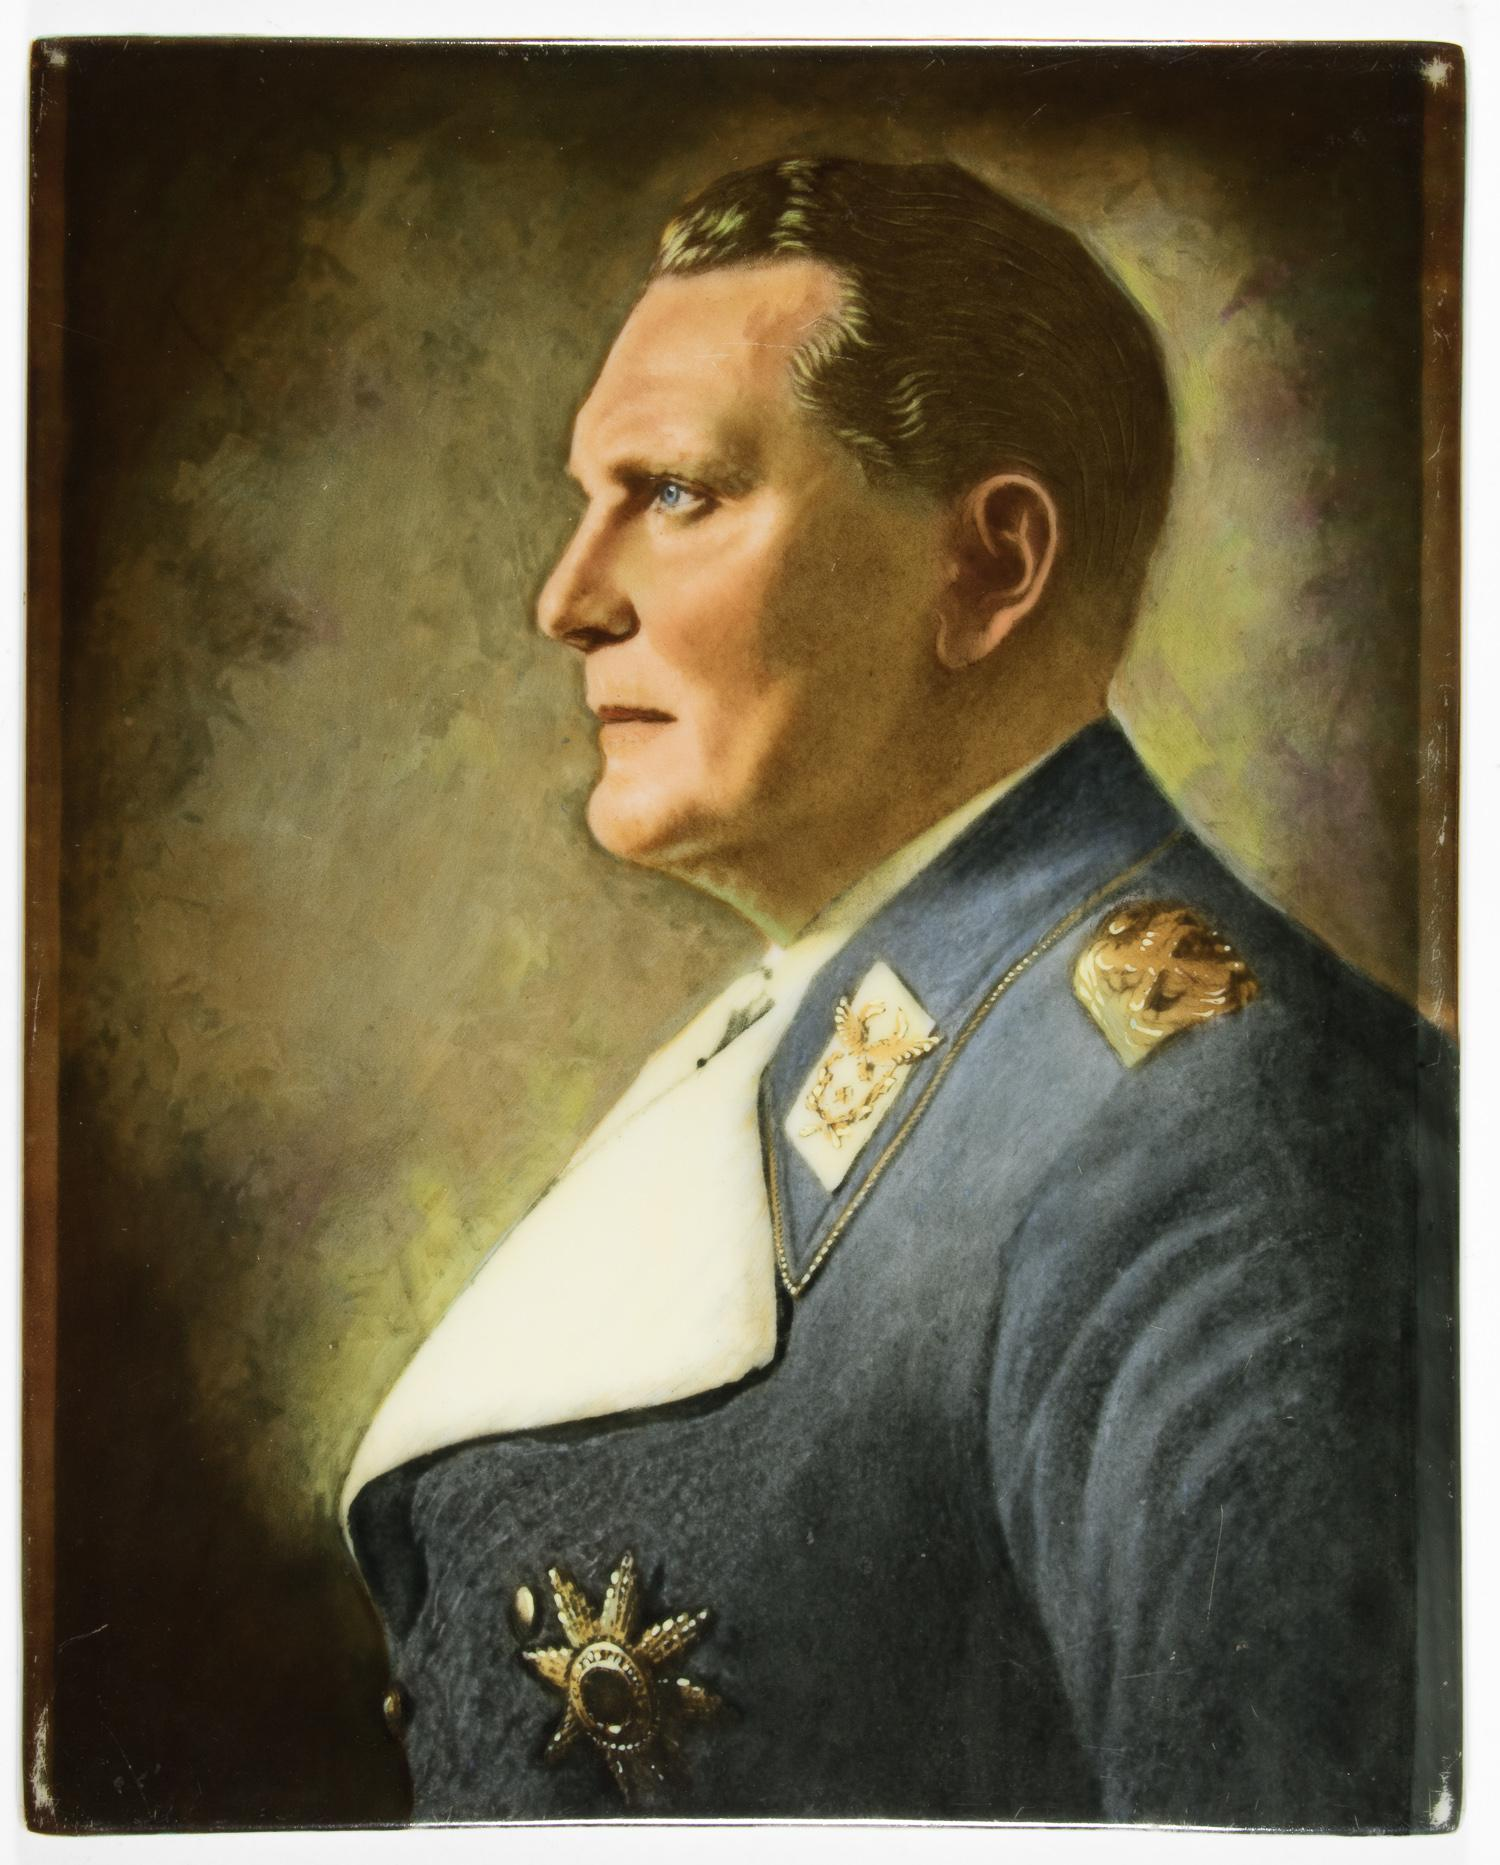 ROSENTHAL PORCELAIN PORTRAIT OF HERMANN GORING